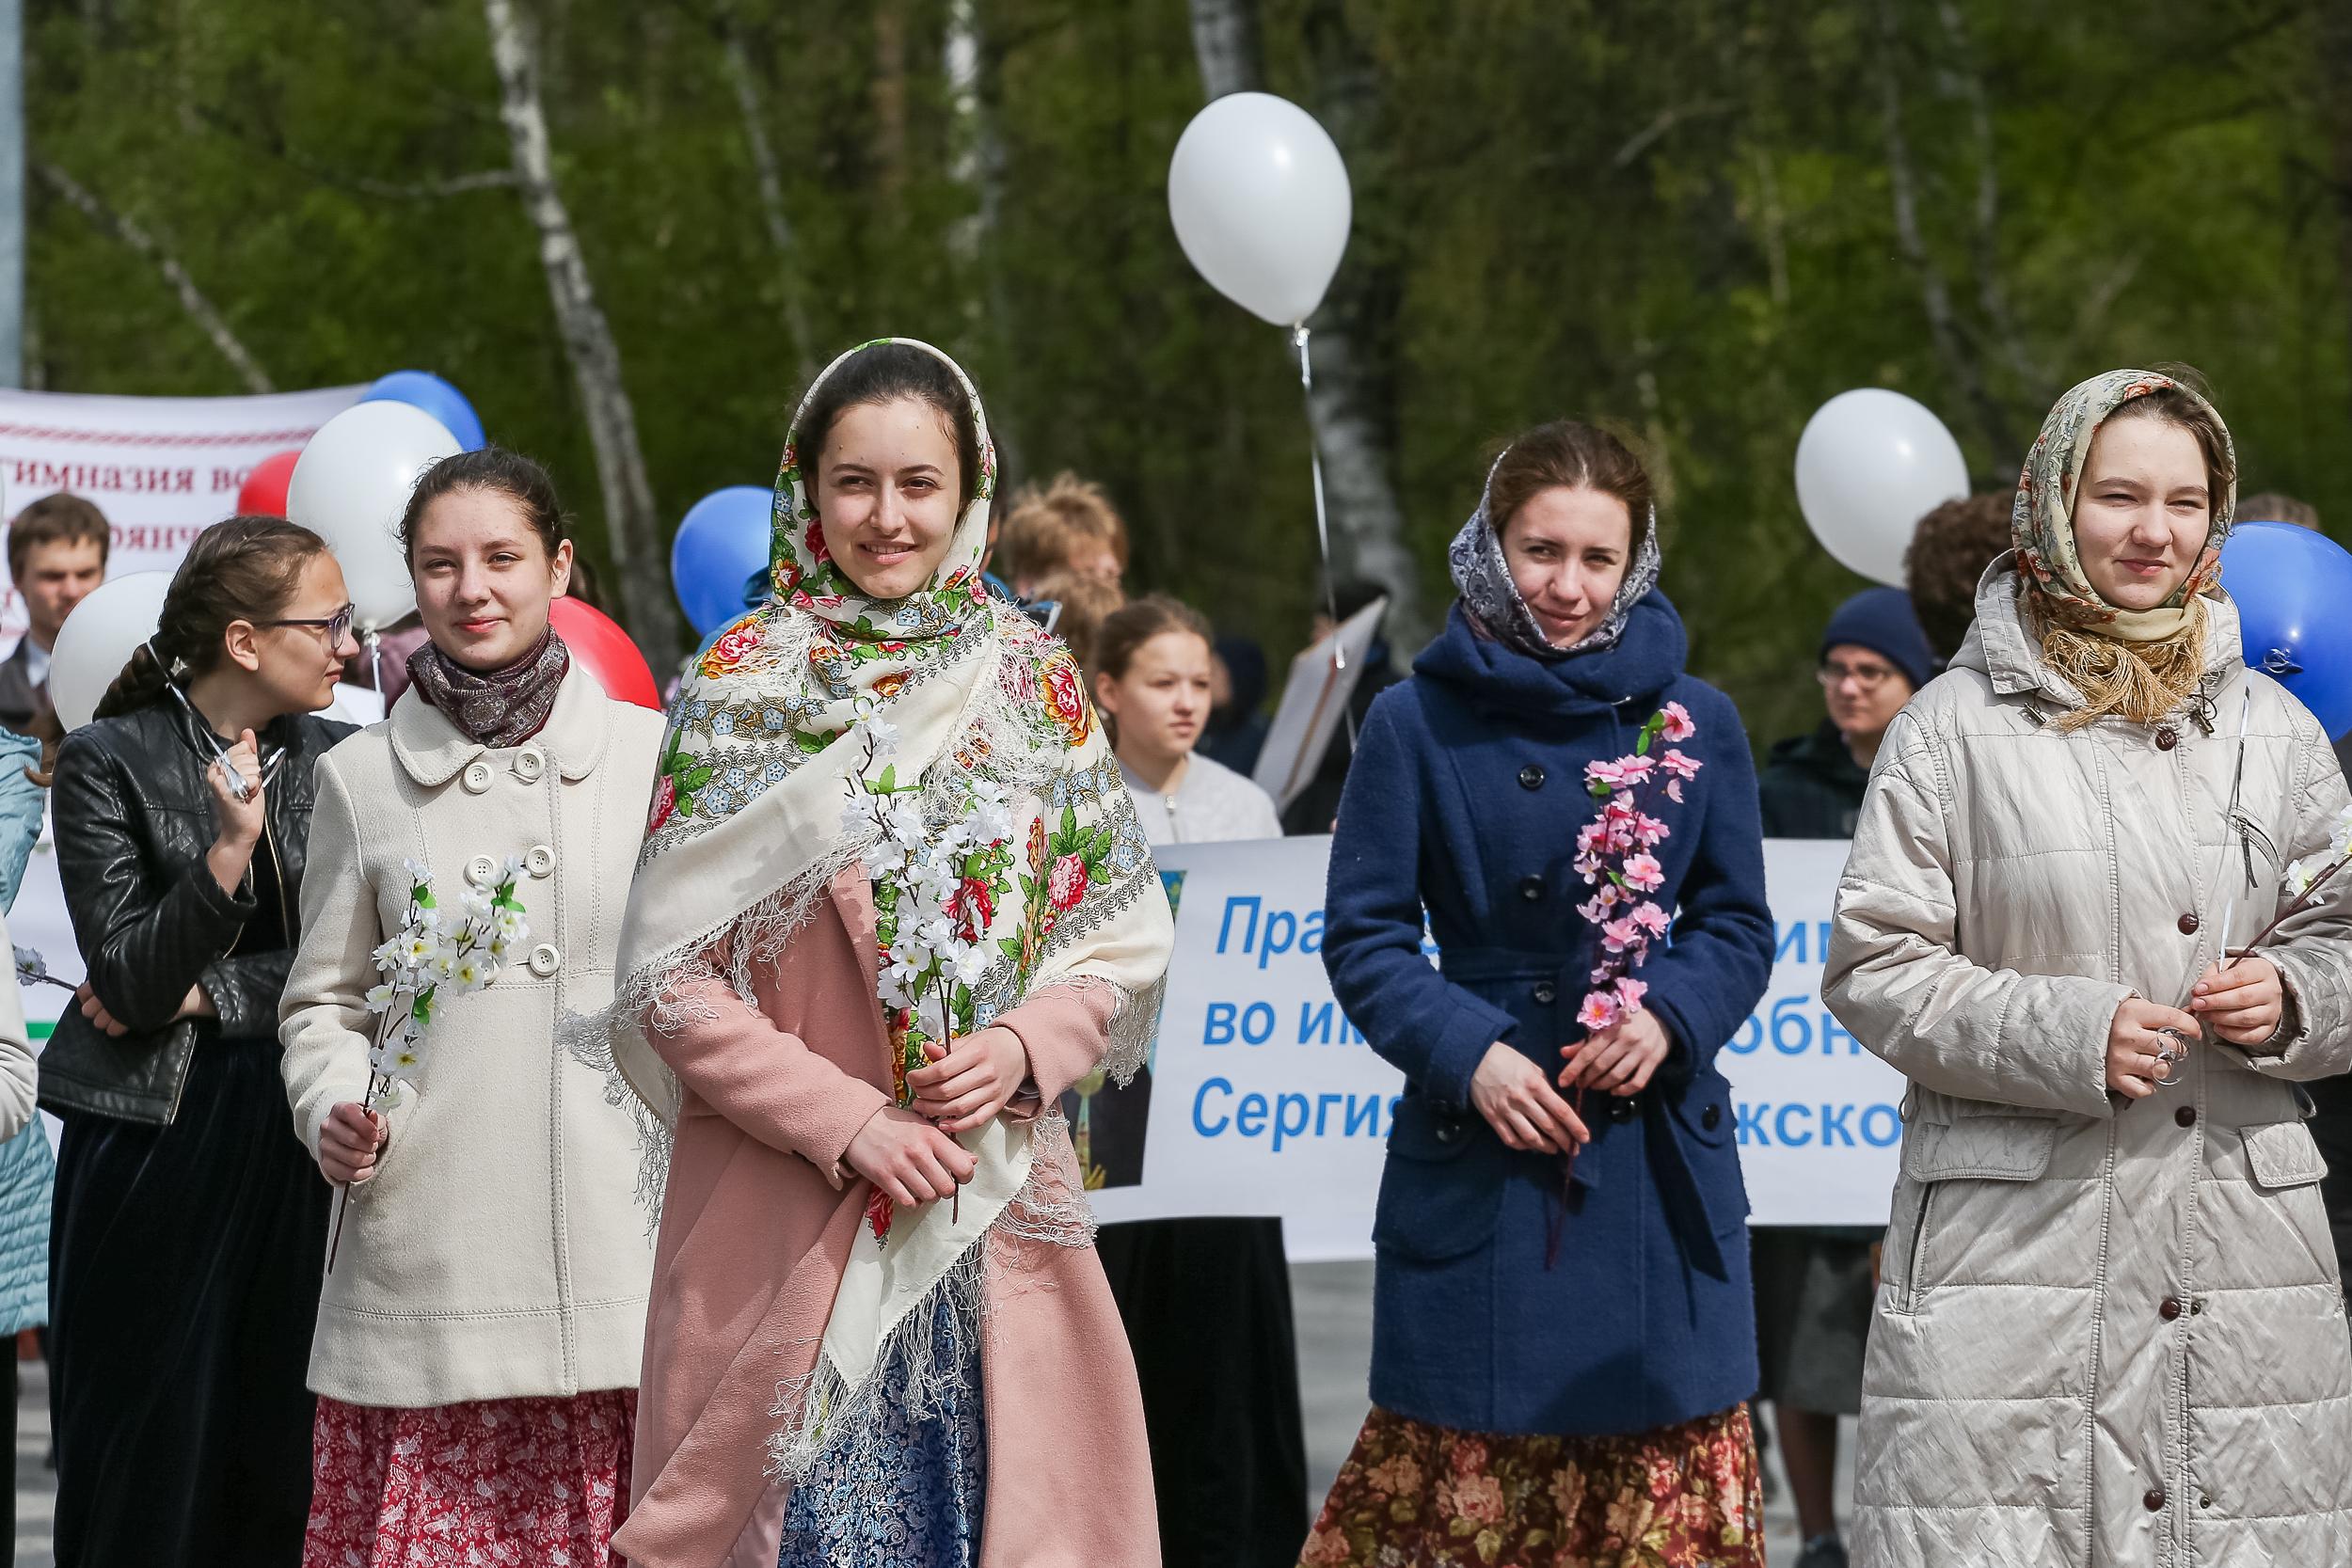 Шествие уже 5 лет проводят в Академгородке